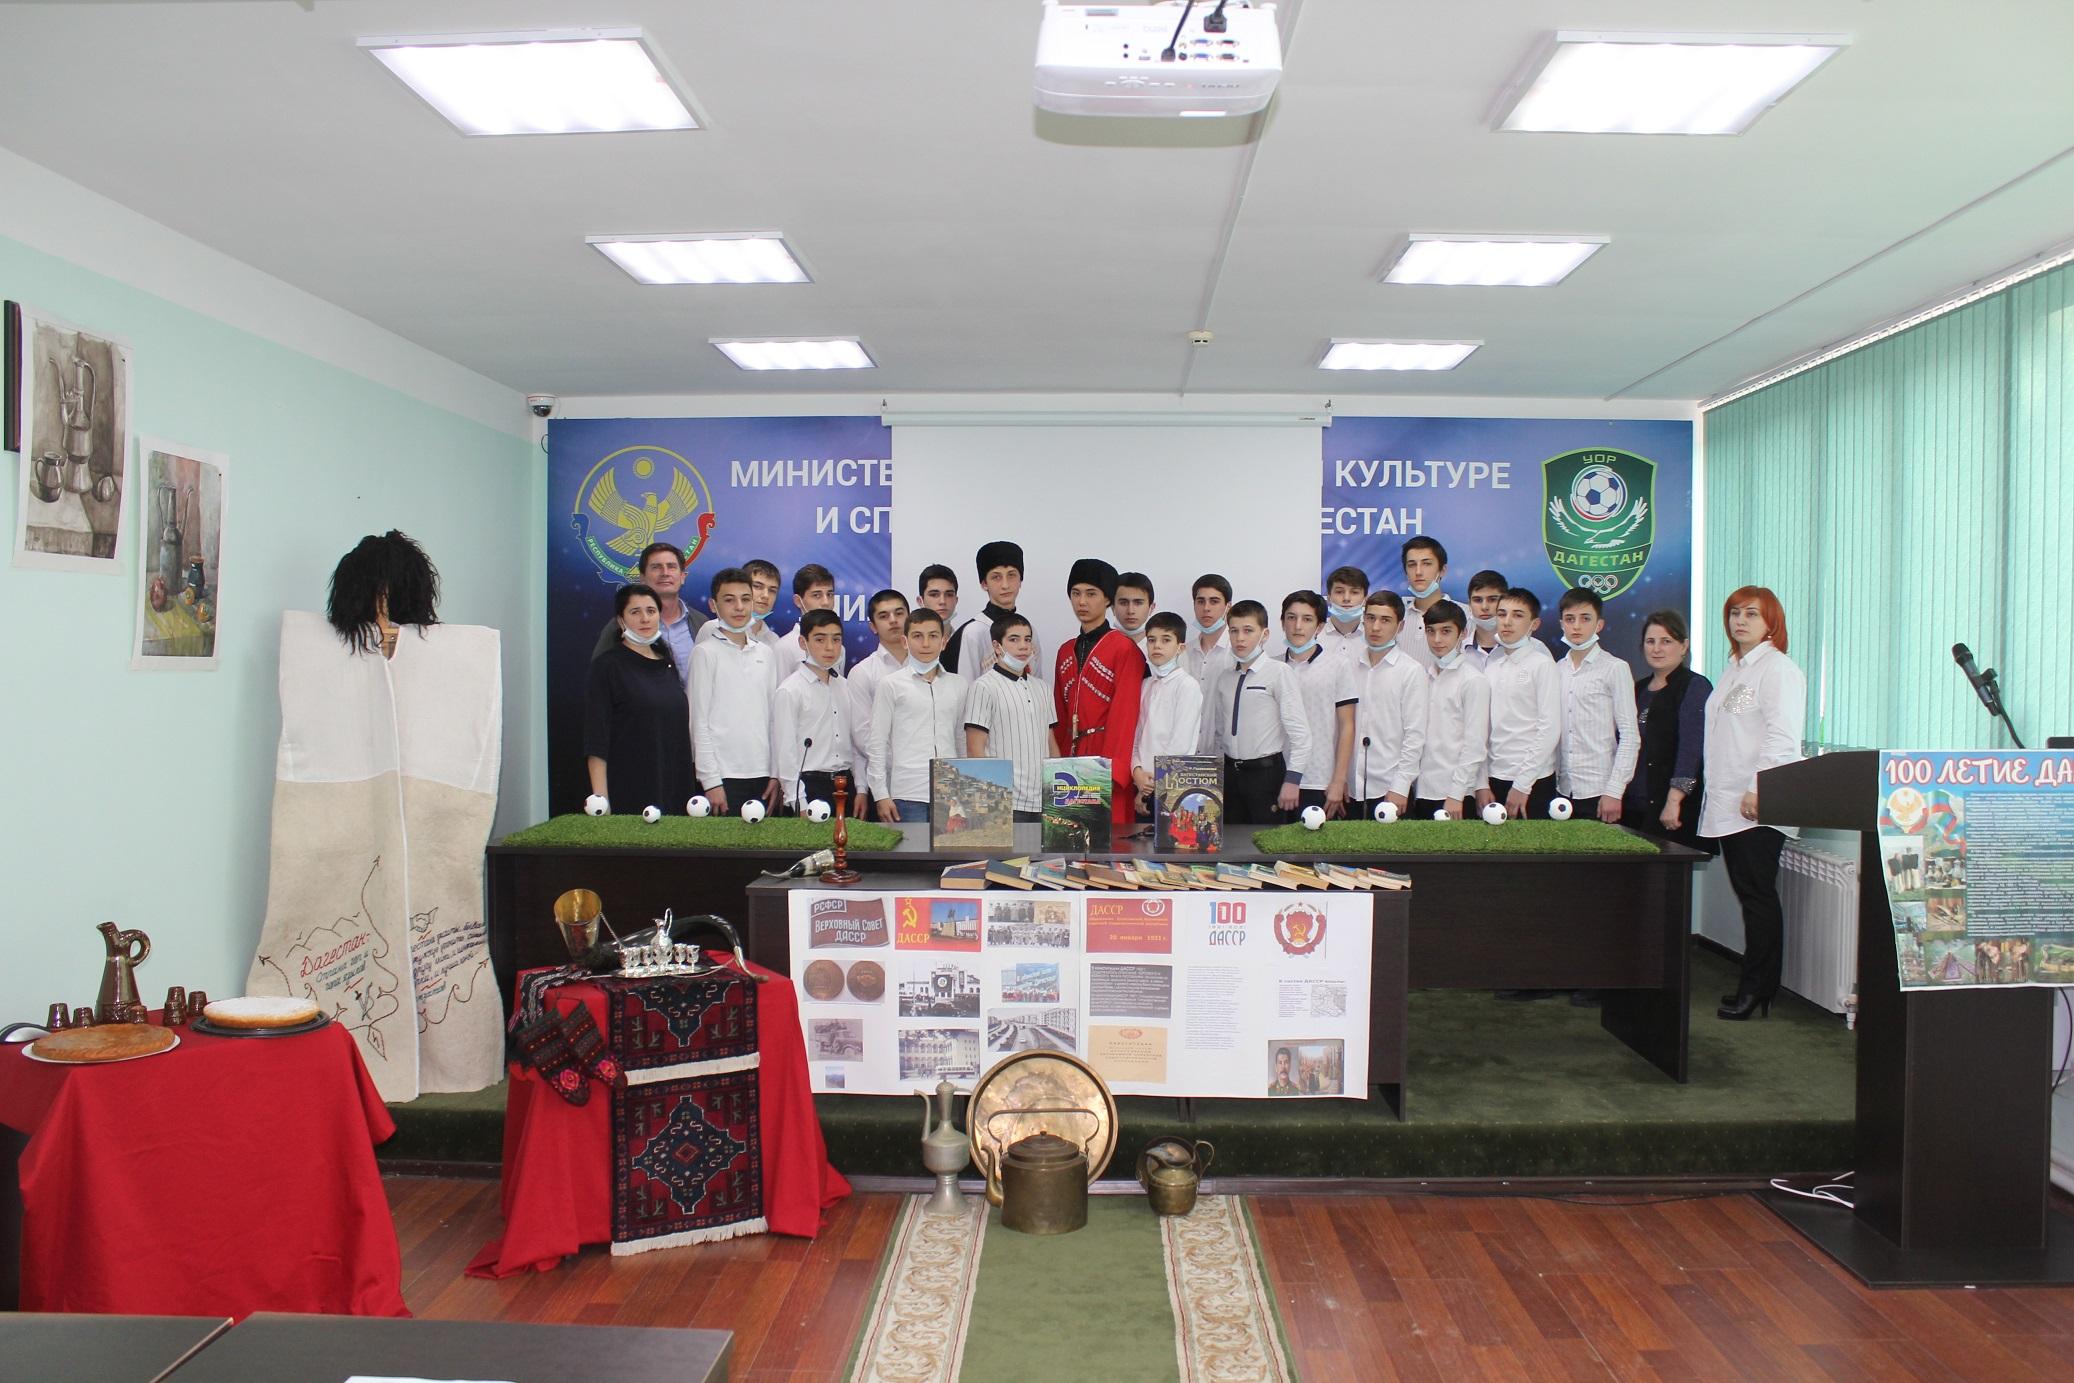 Торжественное мероприятие посвященное 100-летию со дня образования ДАССР